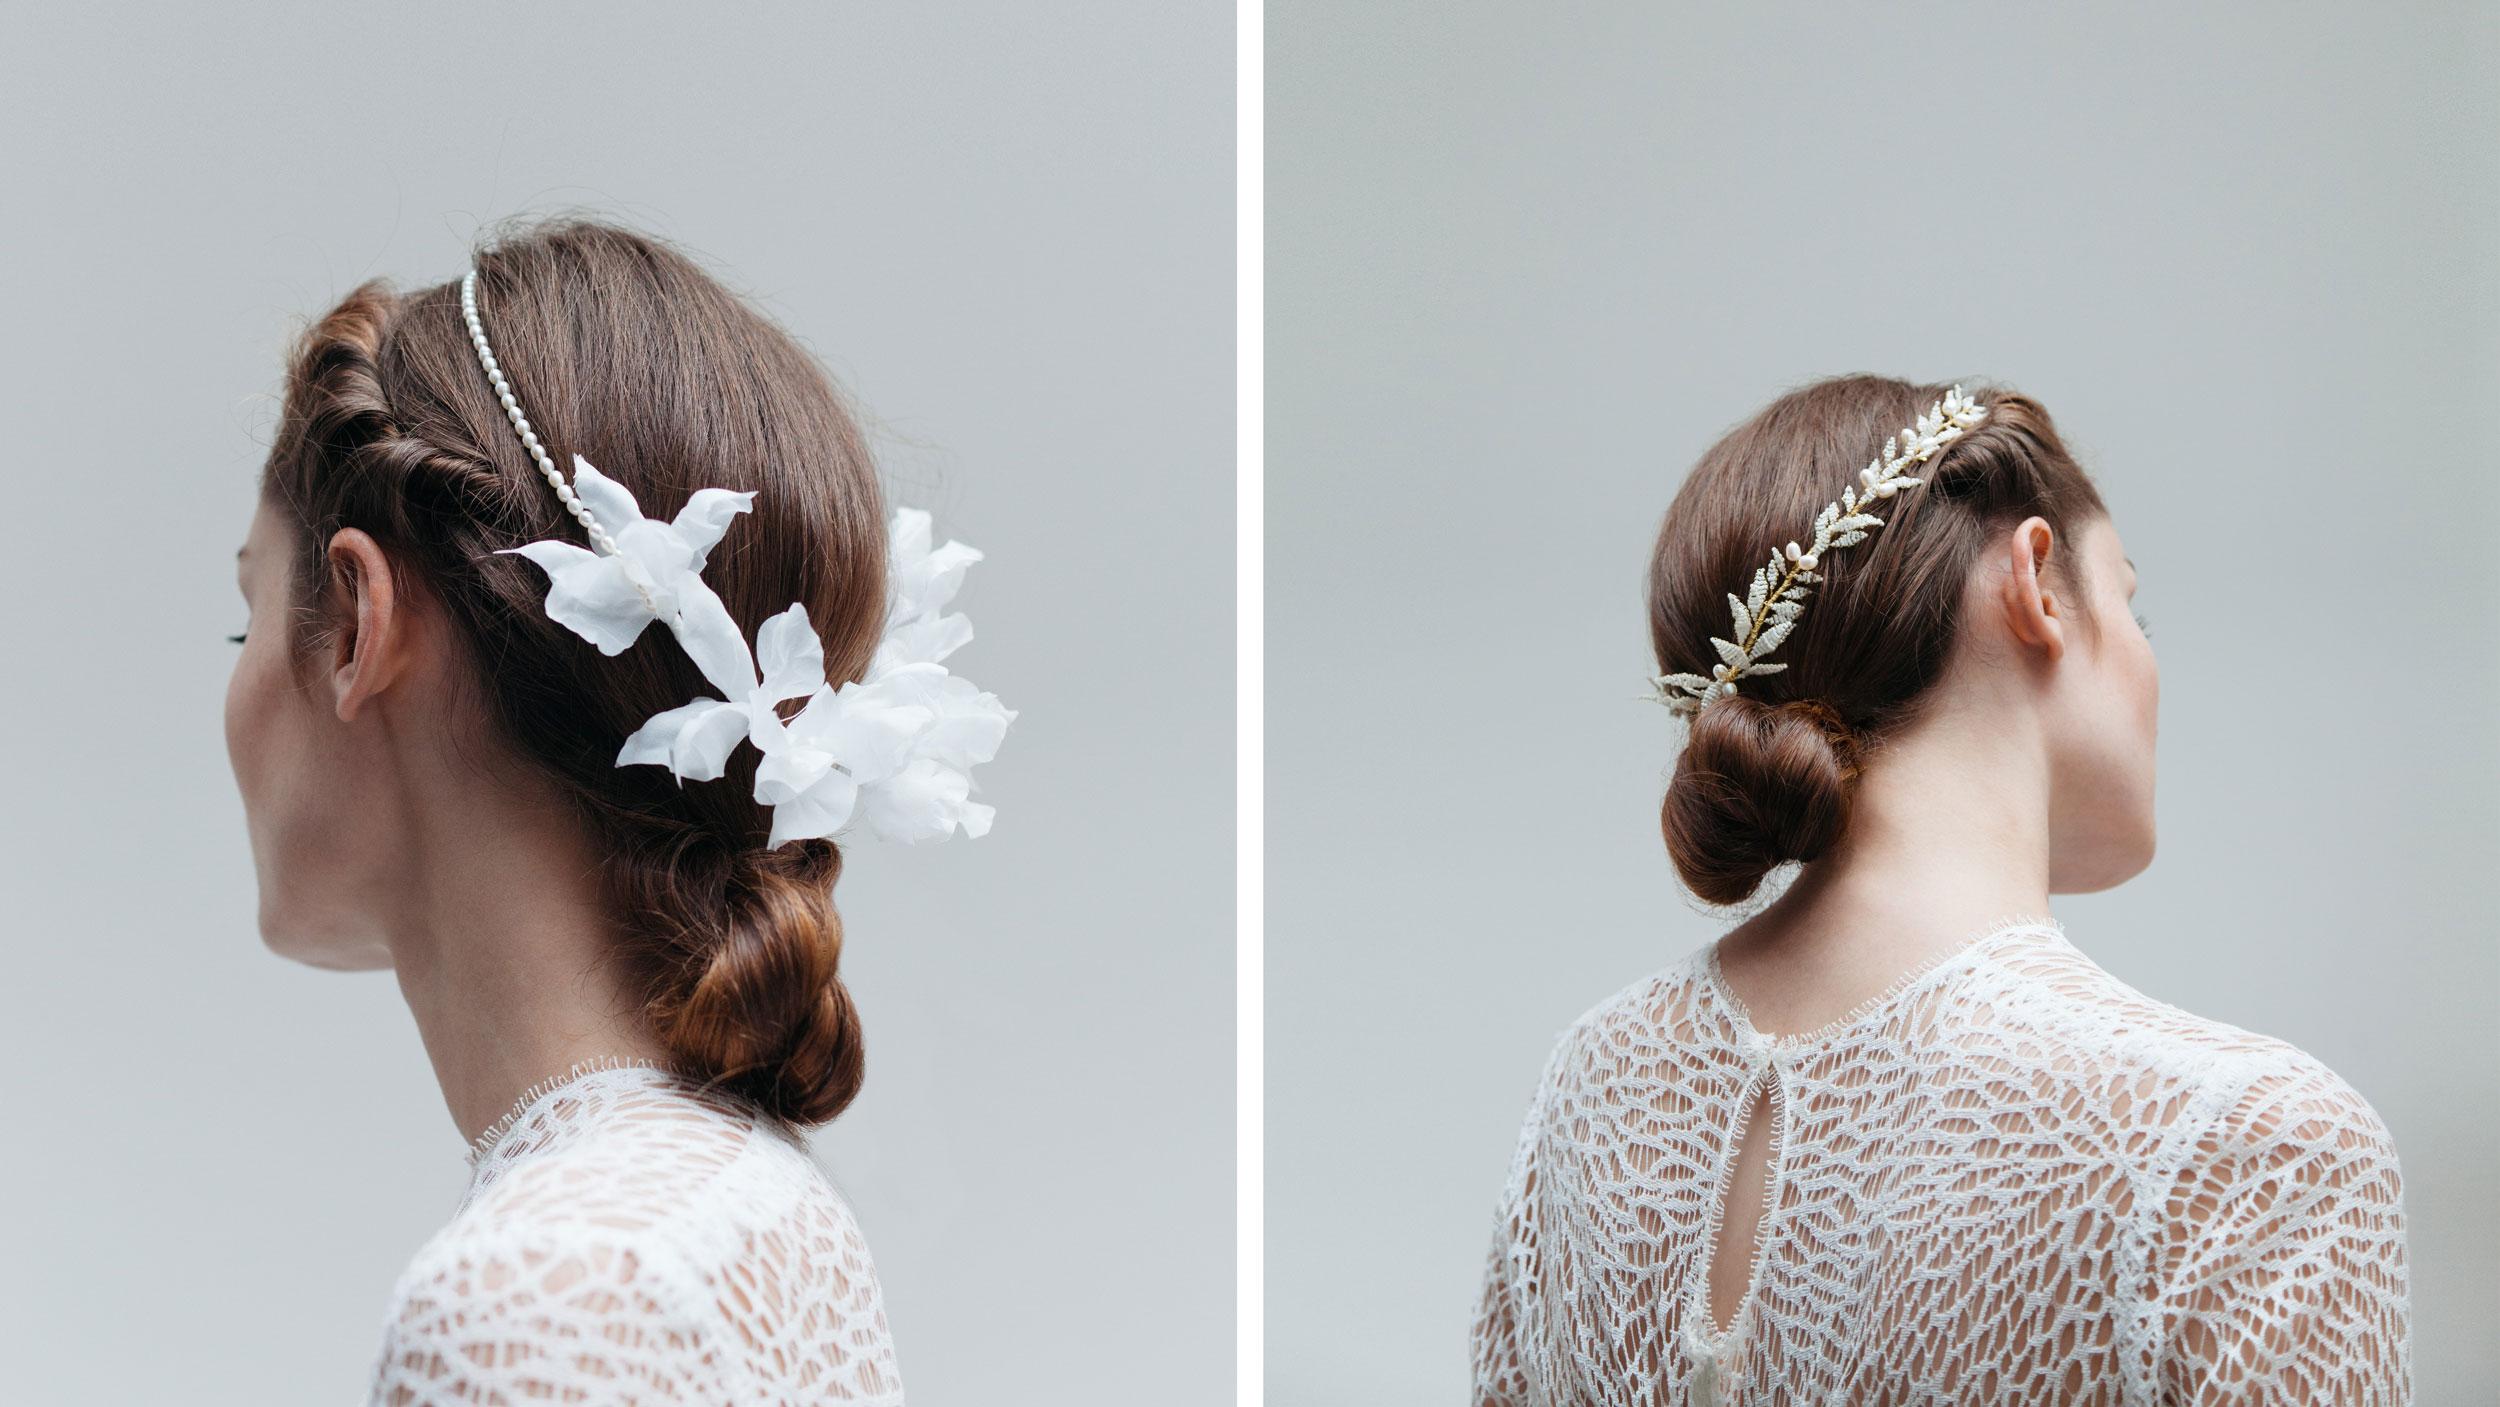 Alternative-wedding-hair-accessories-modern-bride